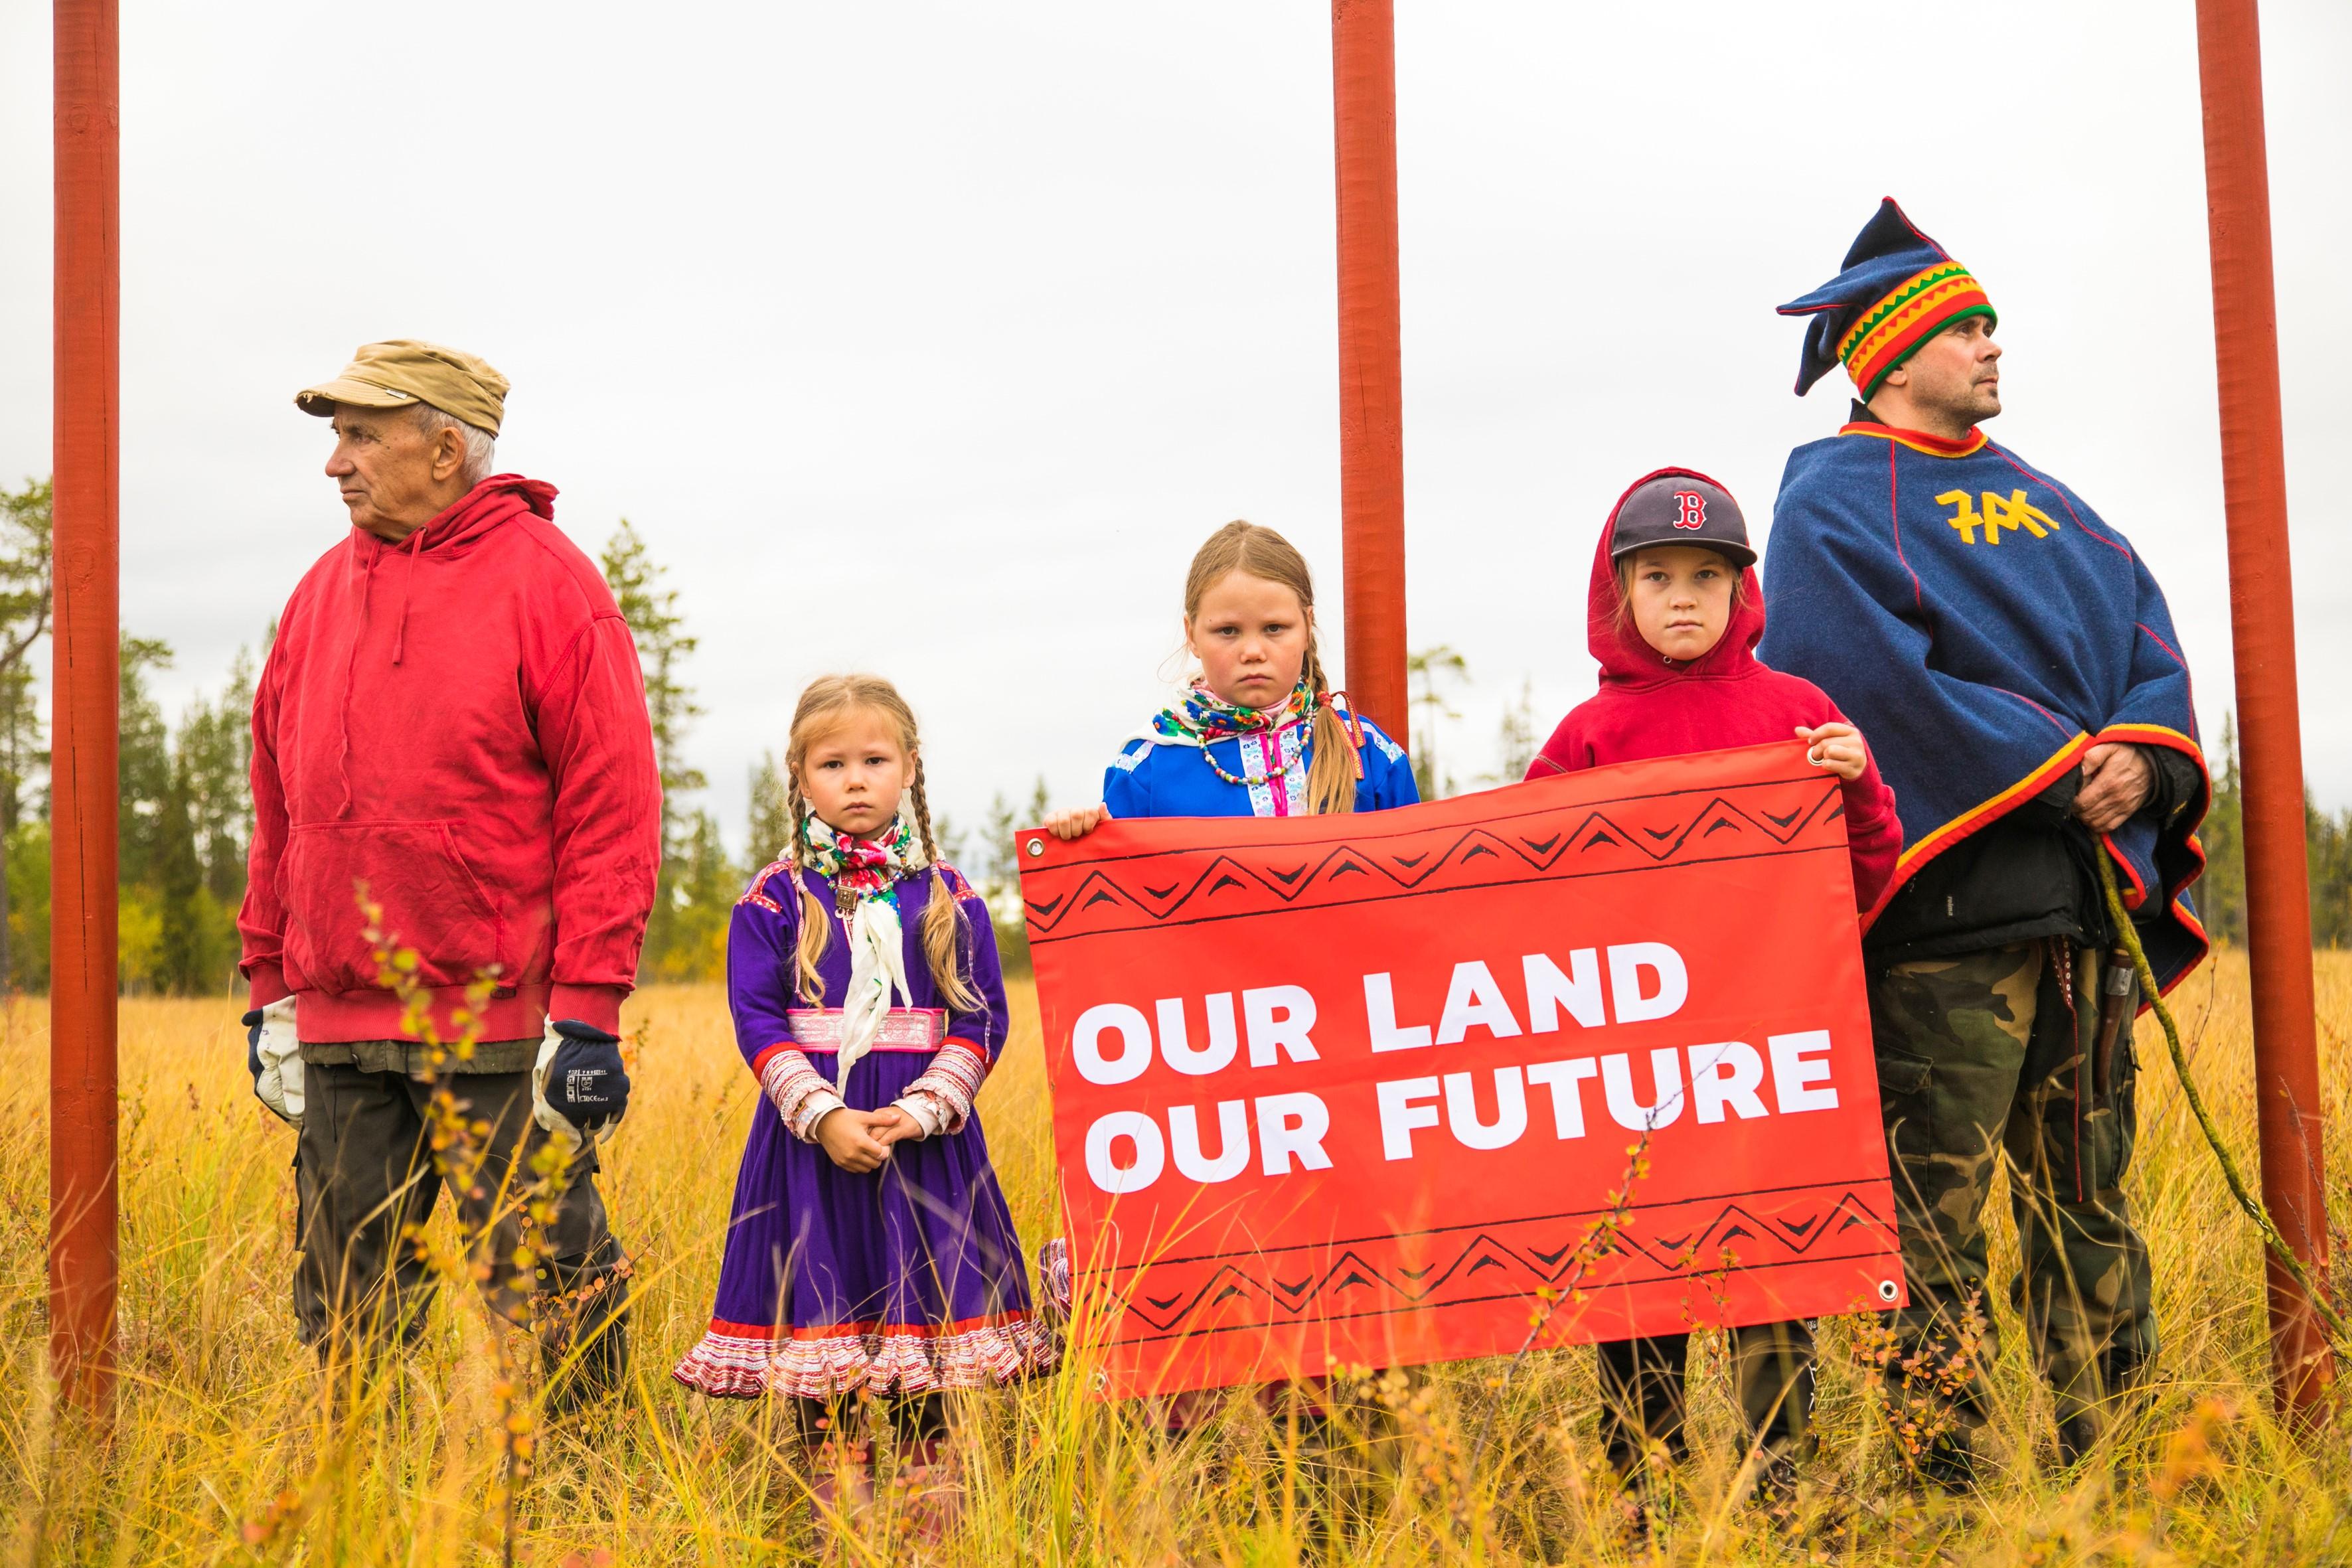 """Kuvassa reunoilla kaksi aikuista ja keskellä kolme lasta peltomaisemassa. Lapset katsovat suoraan kameraan ja pitelevät kylttiä, jossa lukee """"Our land, our future""""."""